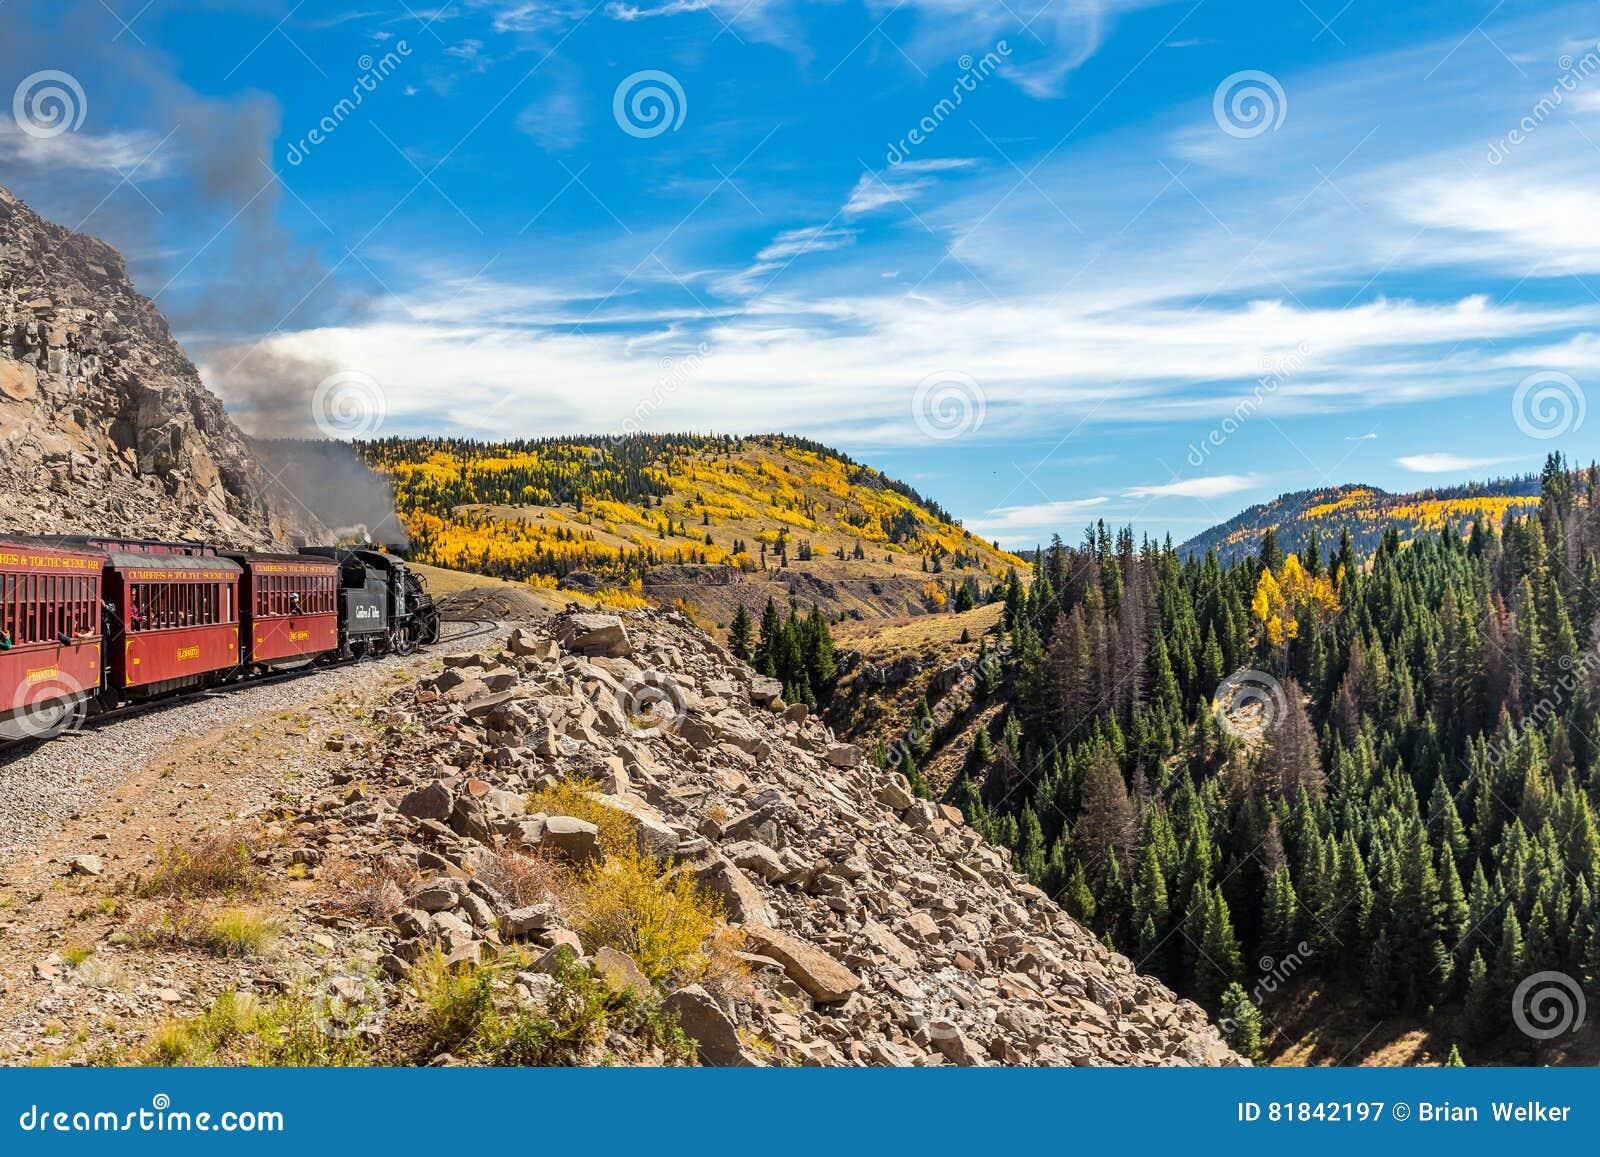 Cumbres & Toltec铁路